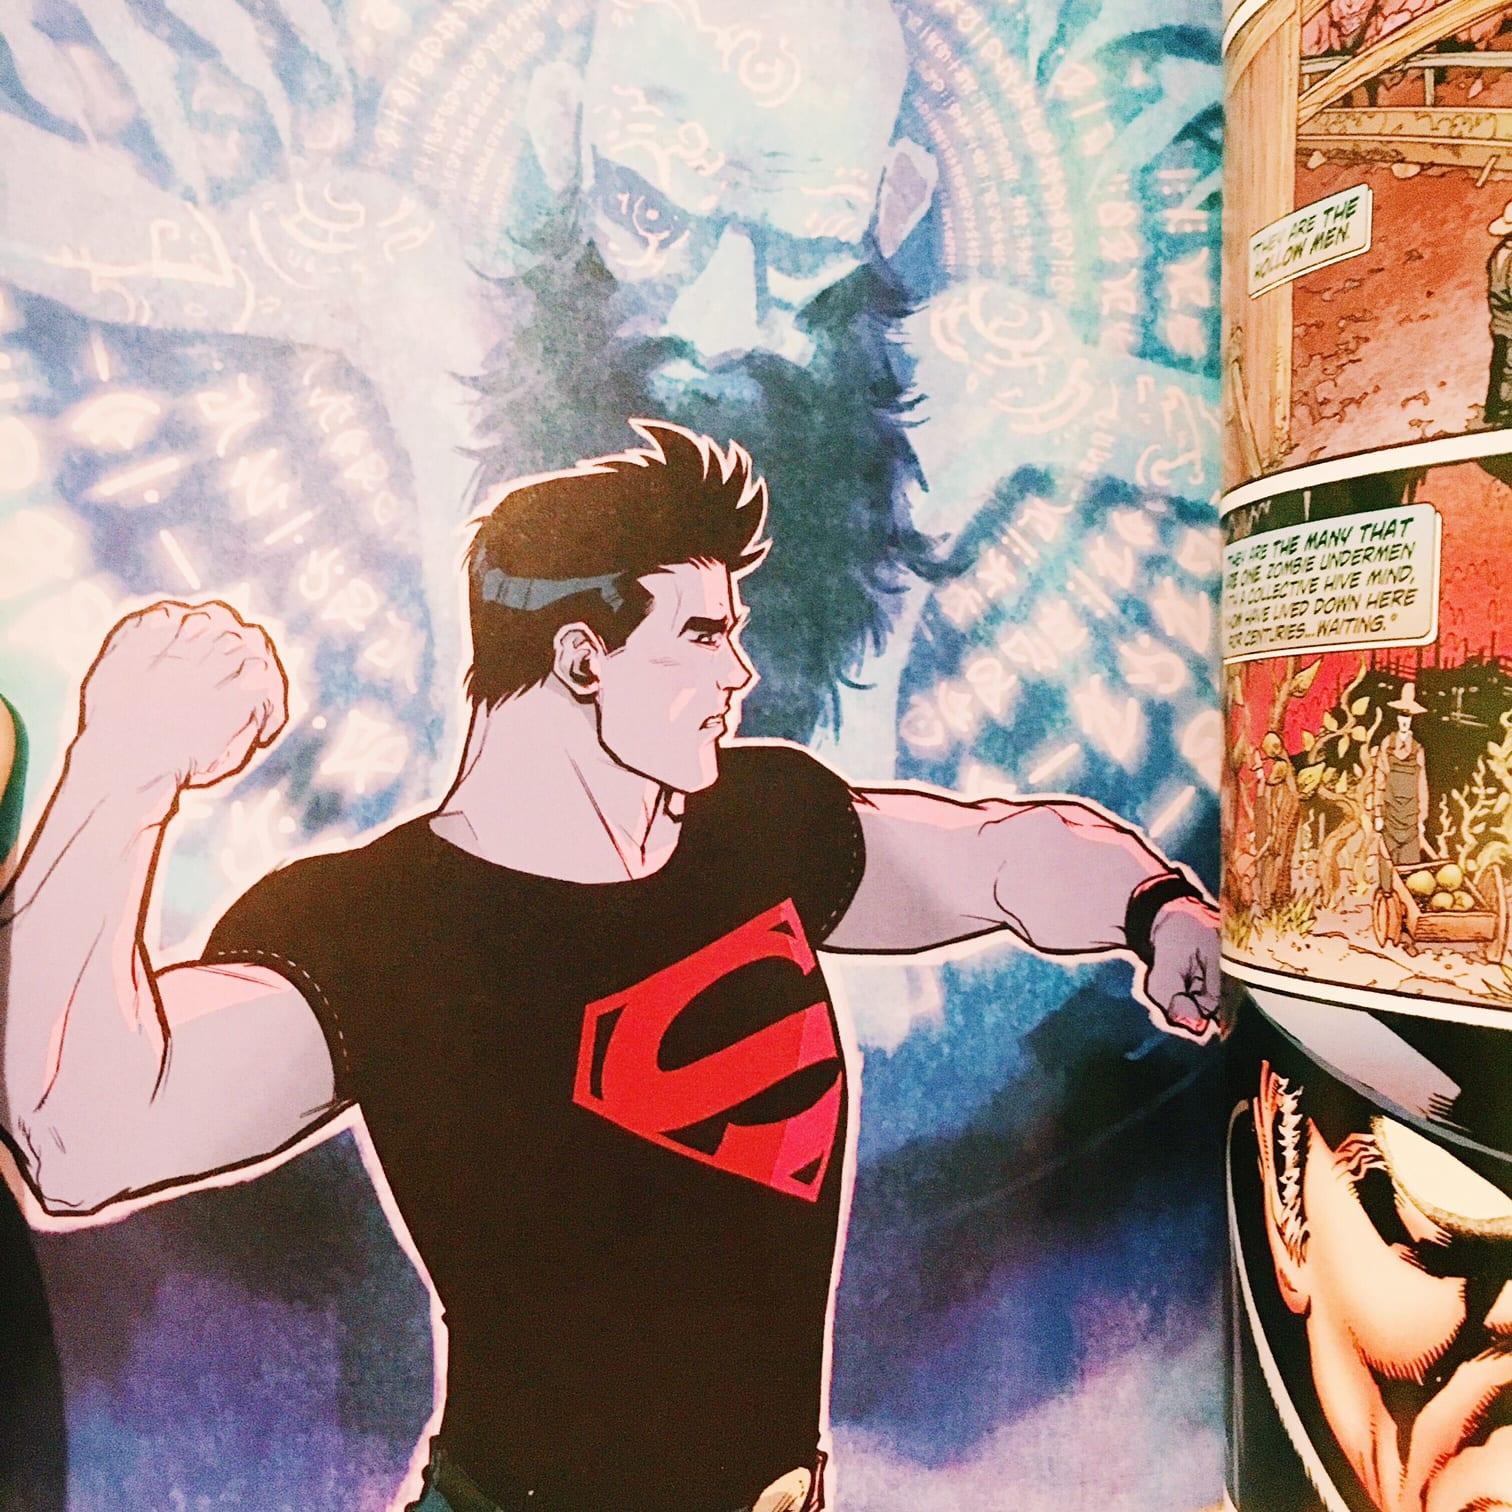 Superboy 23